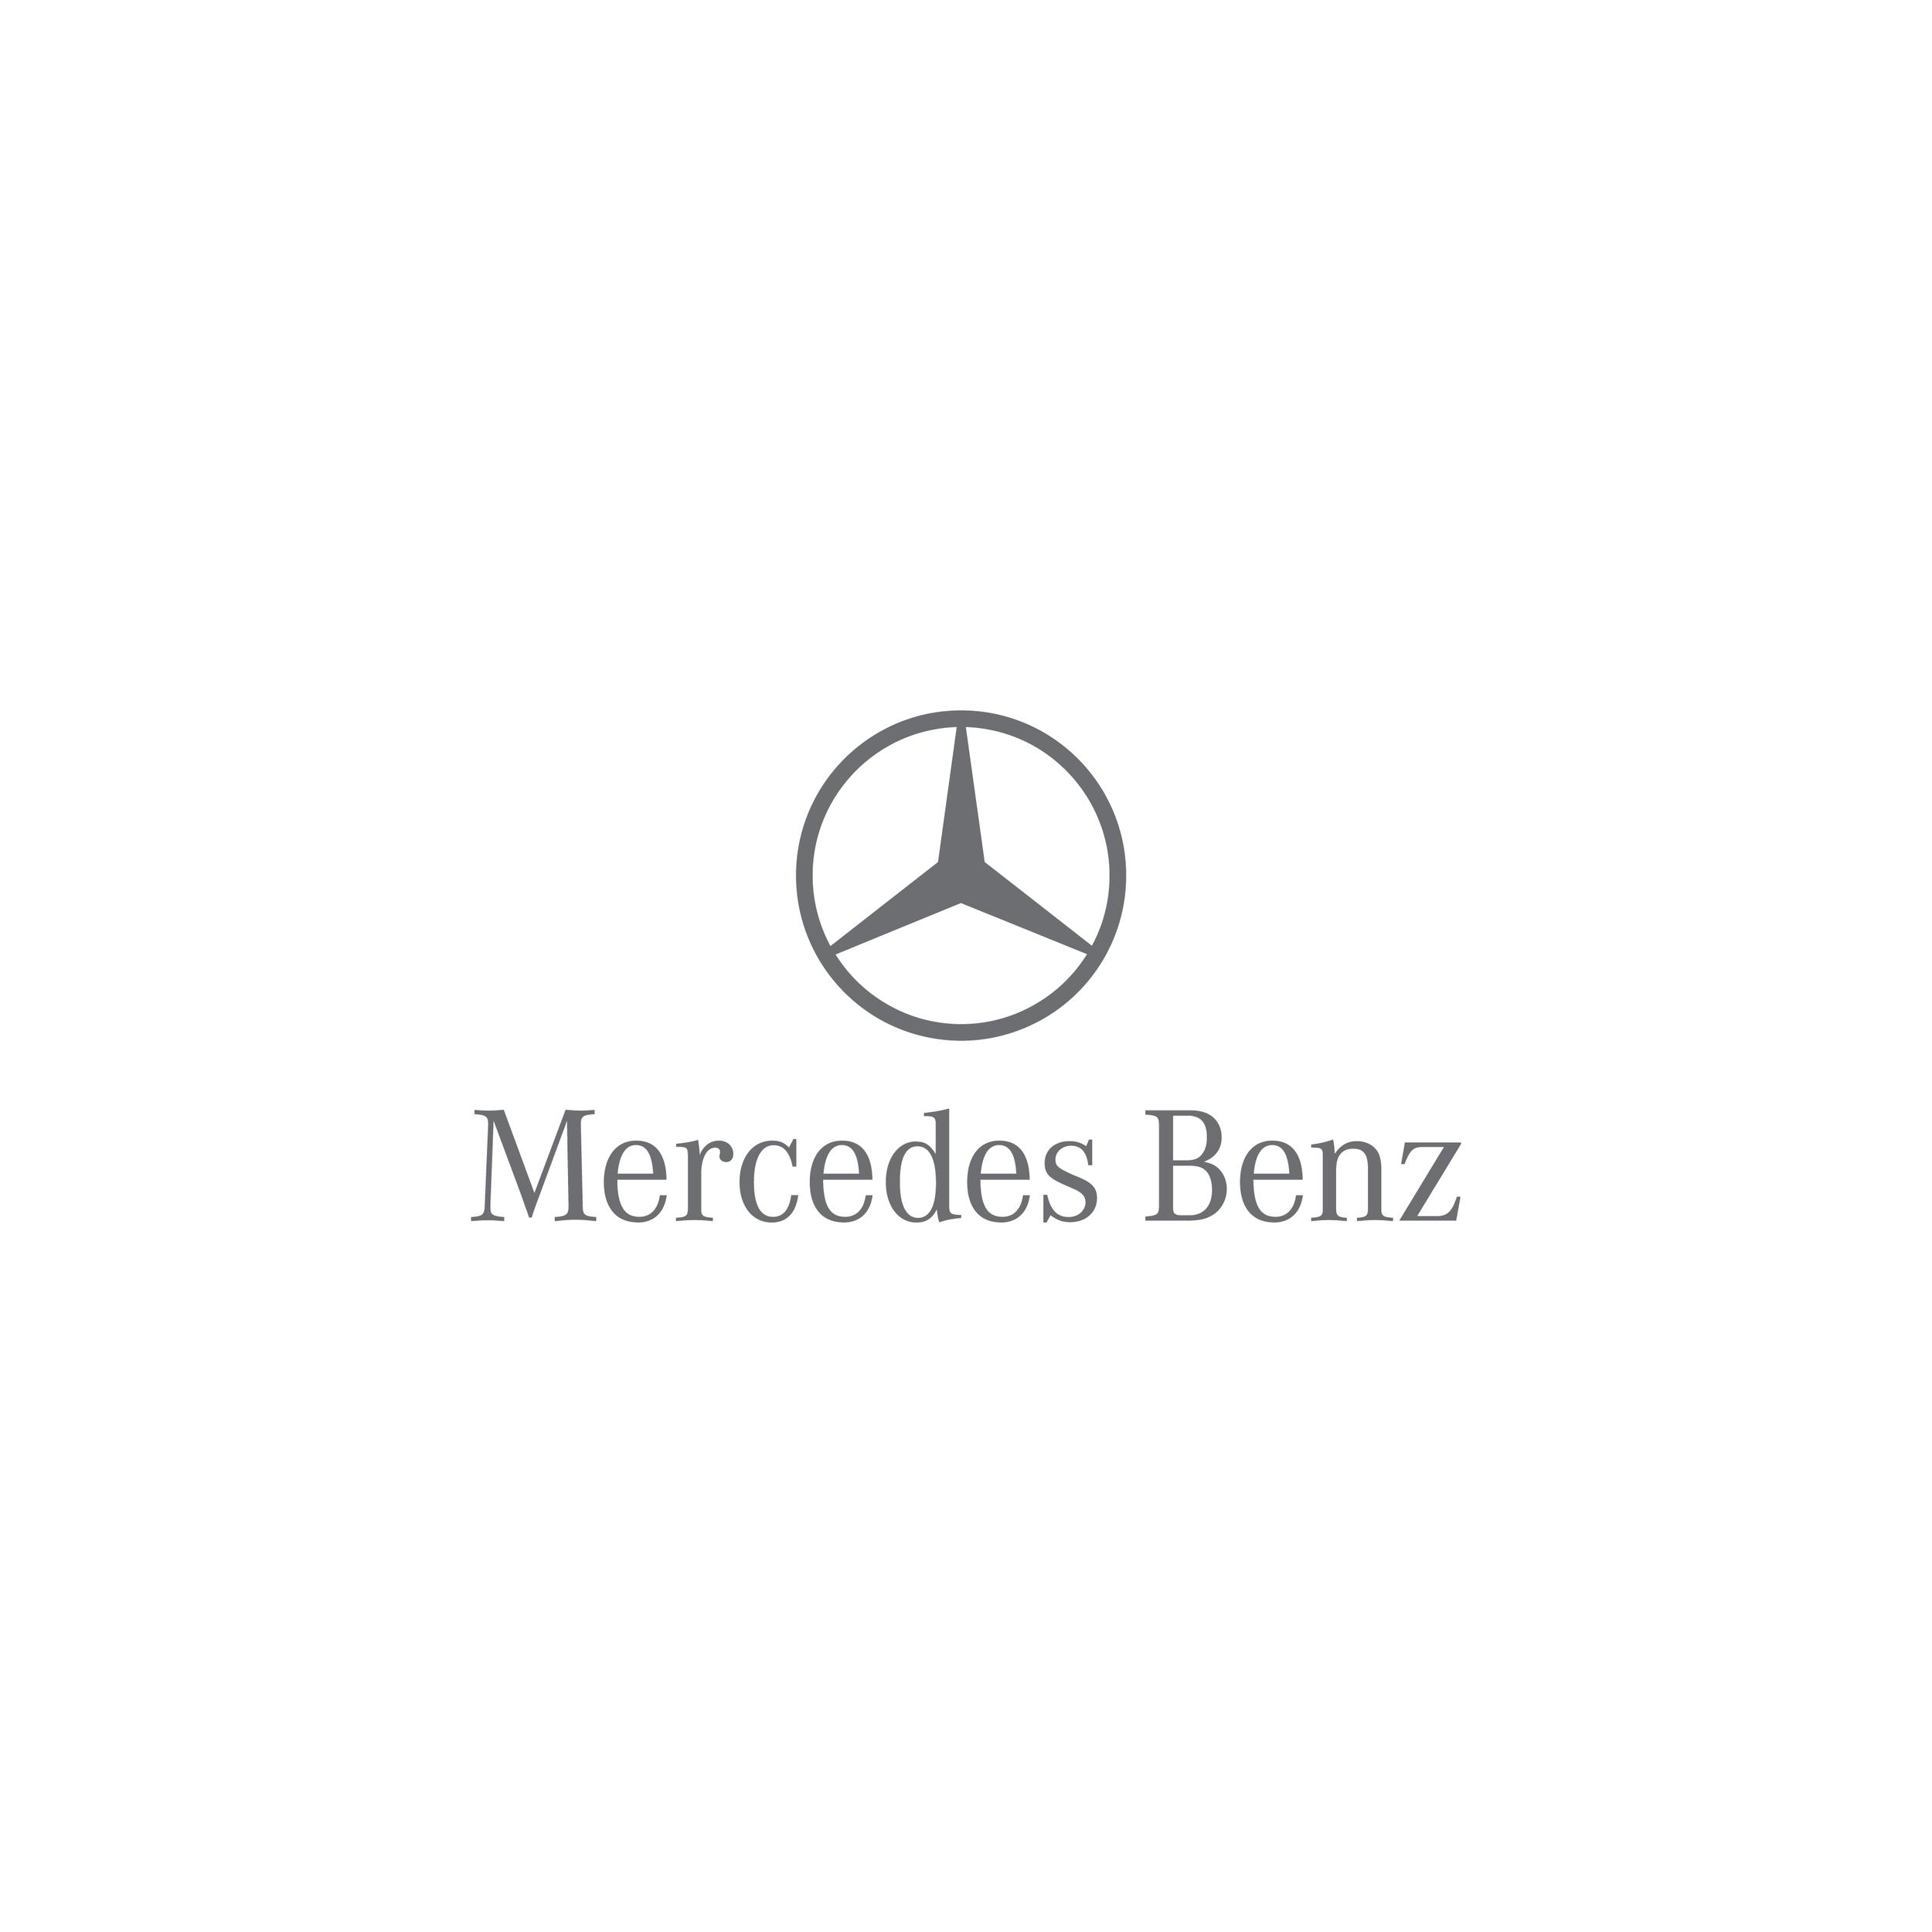 Logo-17-Mercedez Benz.jpg